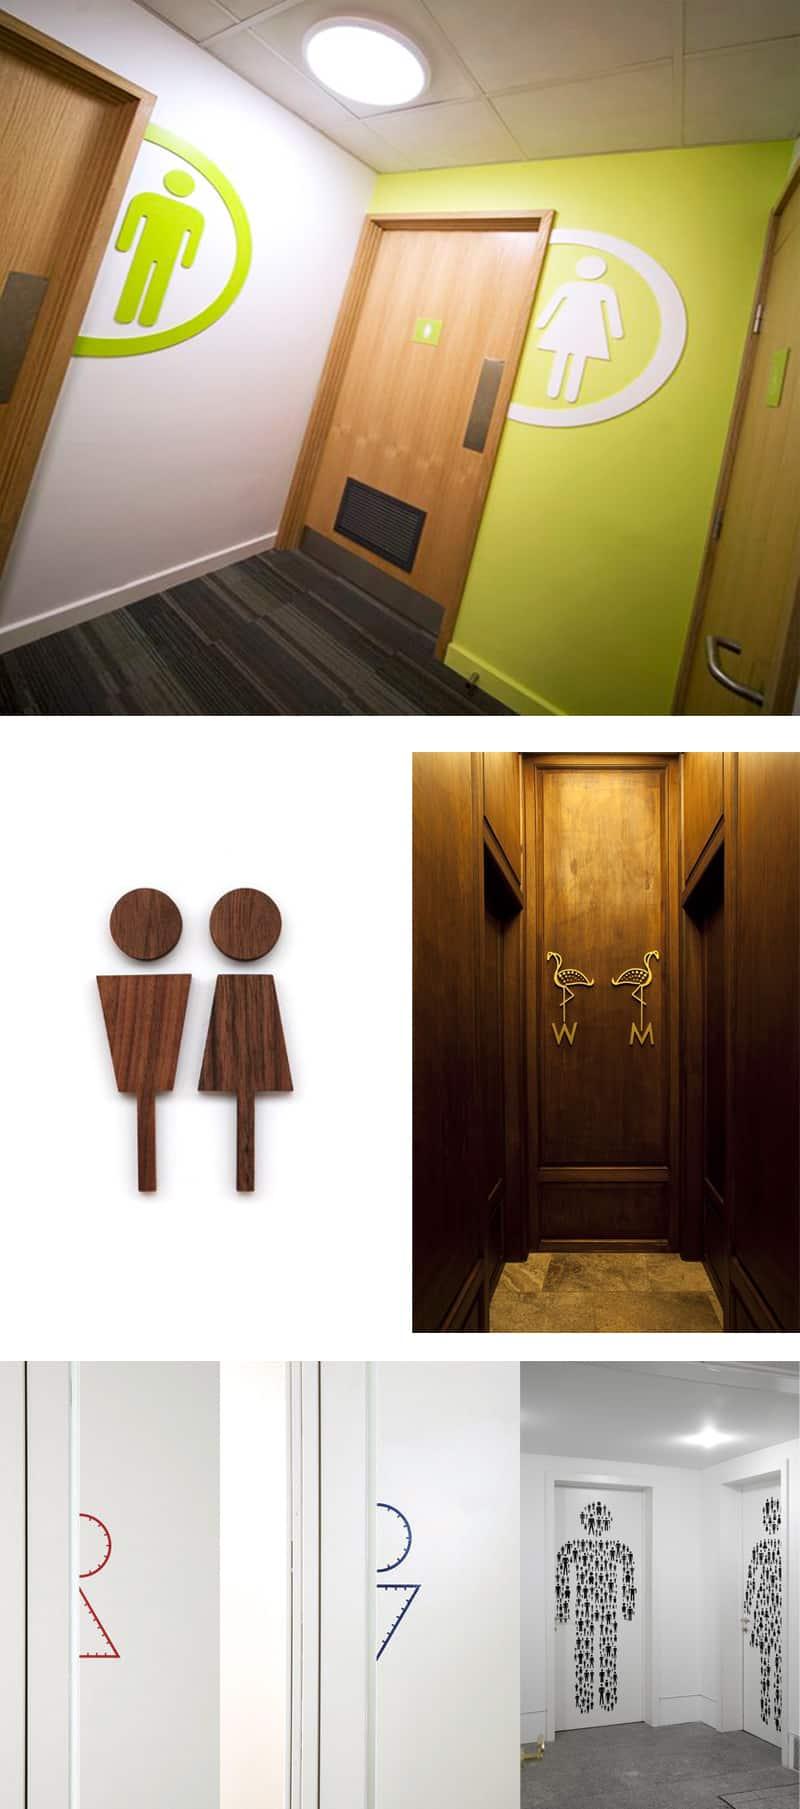 Restroom sign-designrulz (2)